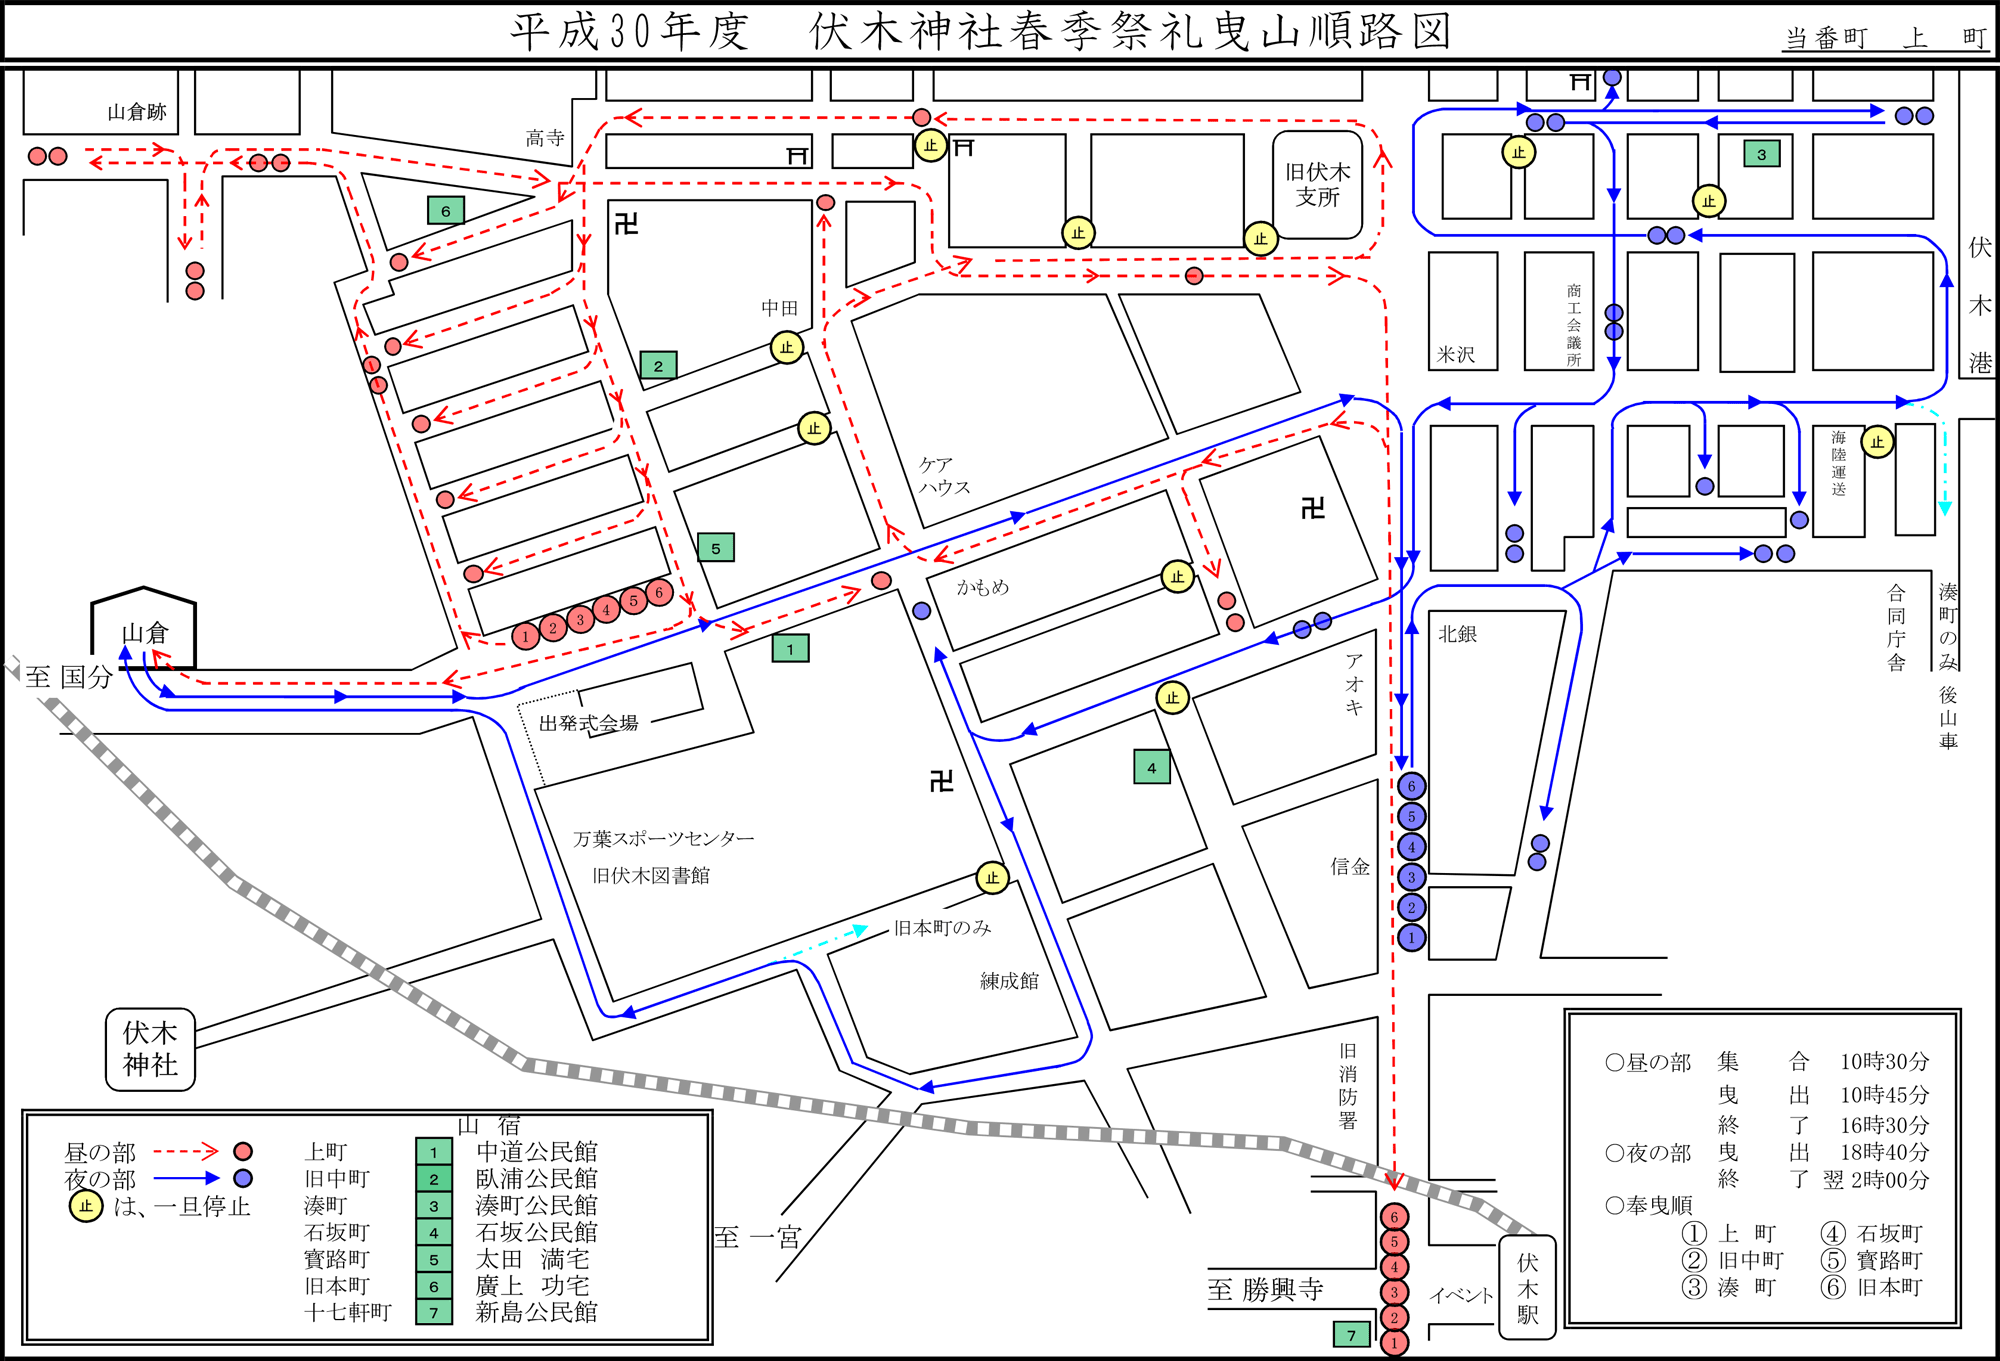 伏木曳山祭2018のルートマップ